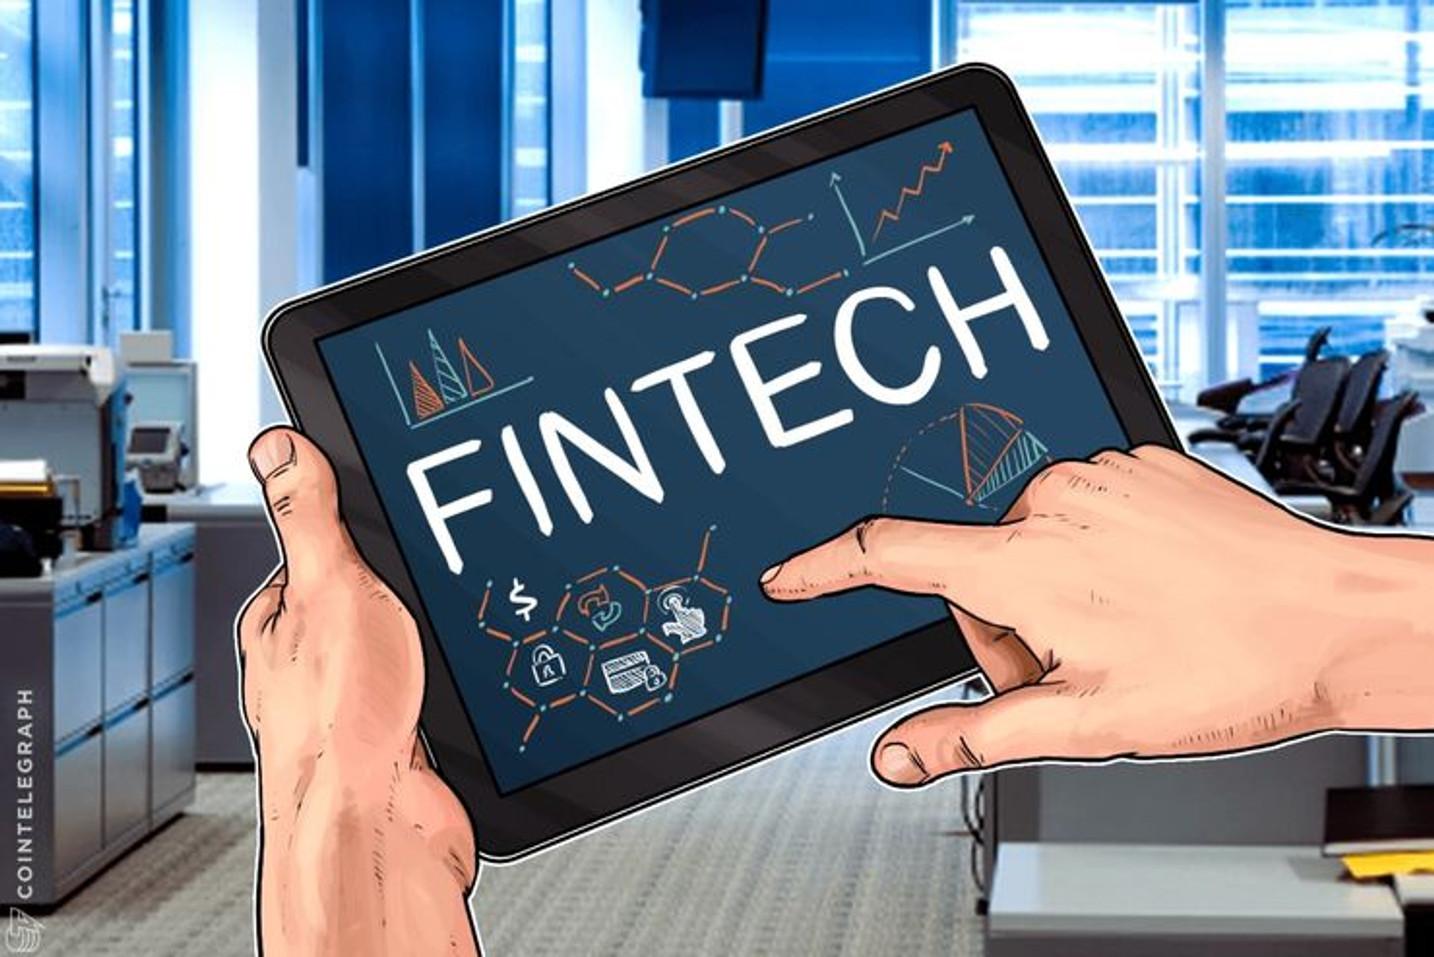 La Condusef dio a conocer disposiciones de transparencia para el funcionamiento de las Fintech en México